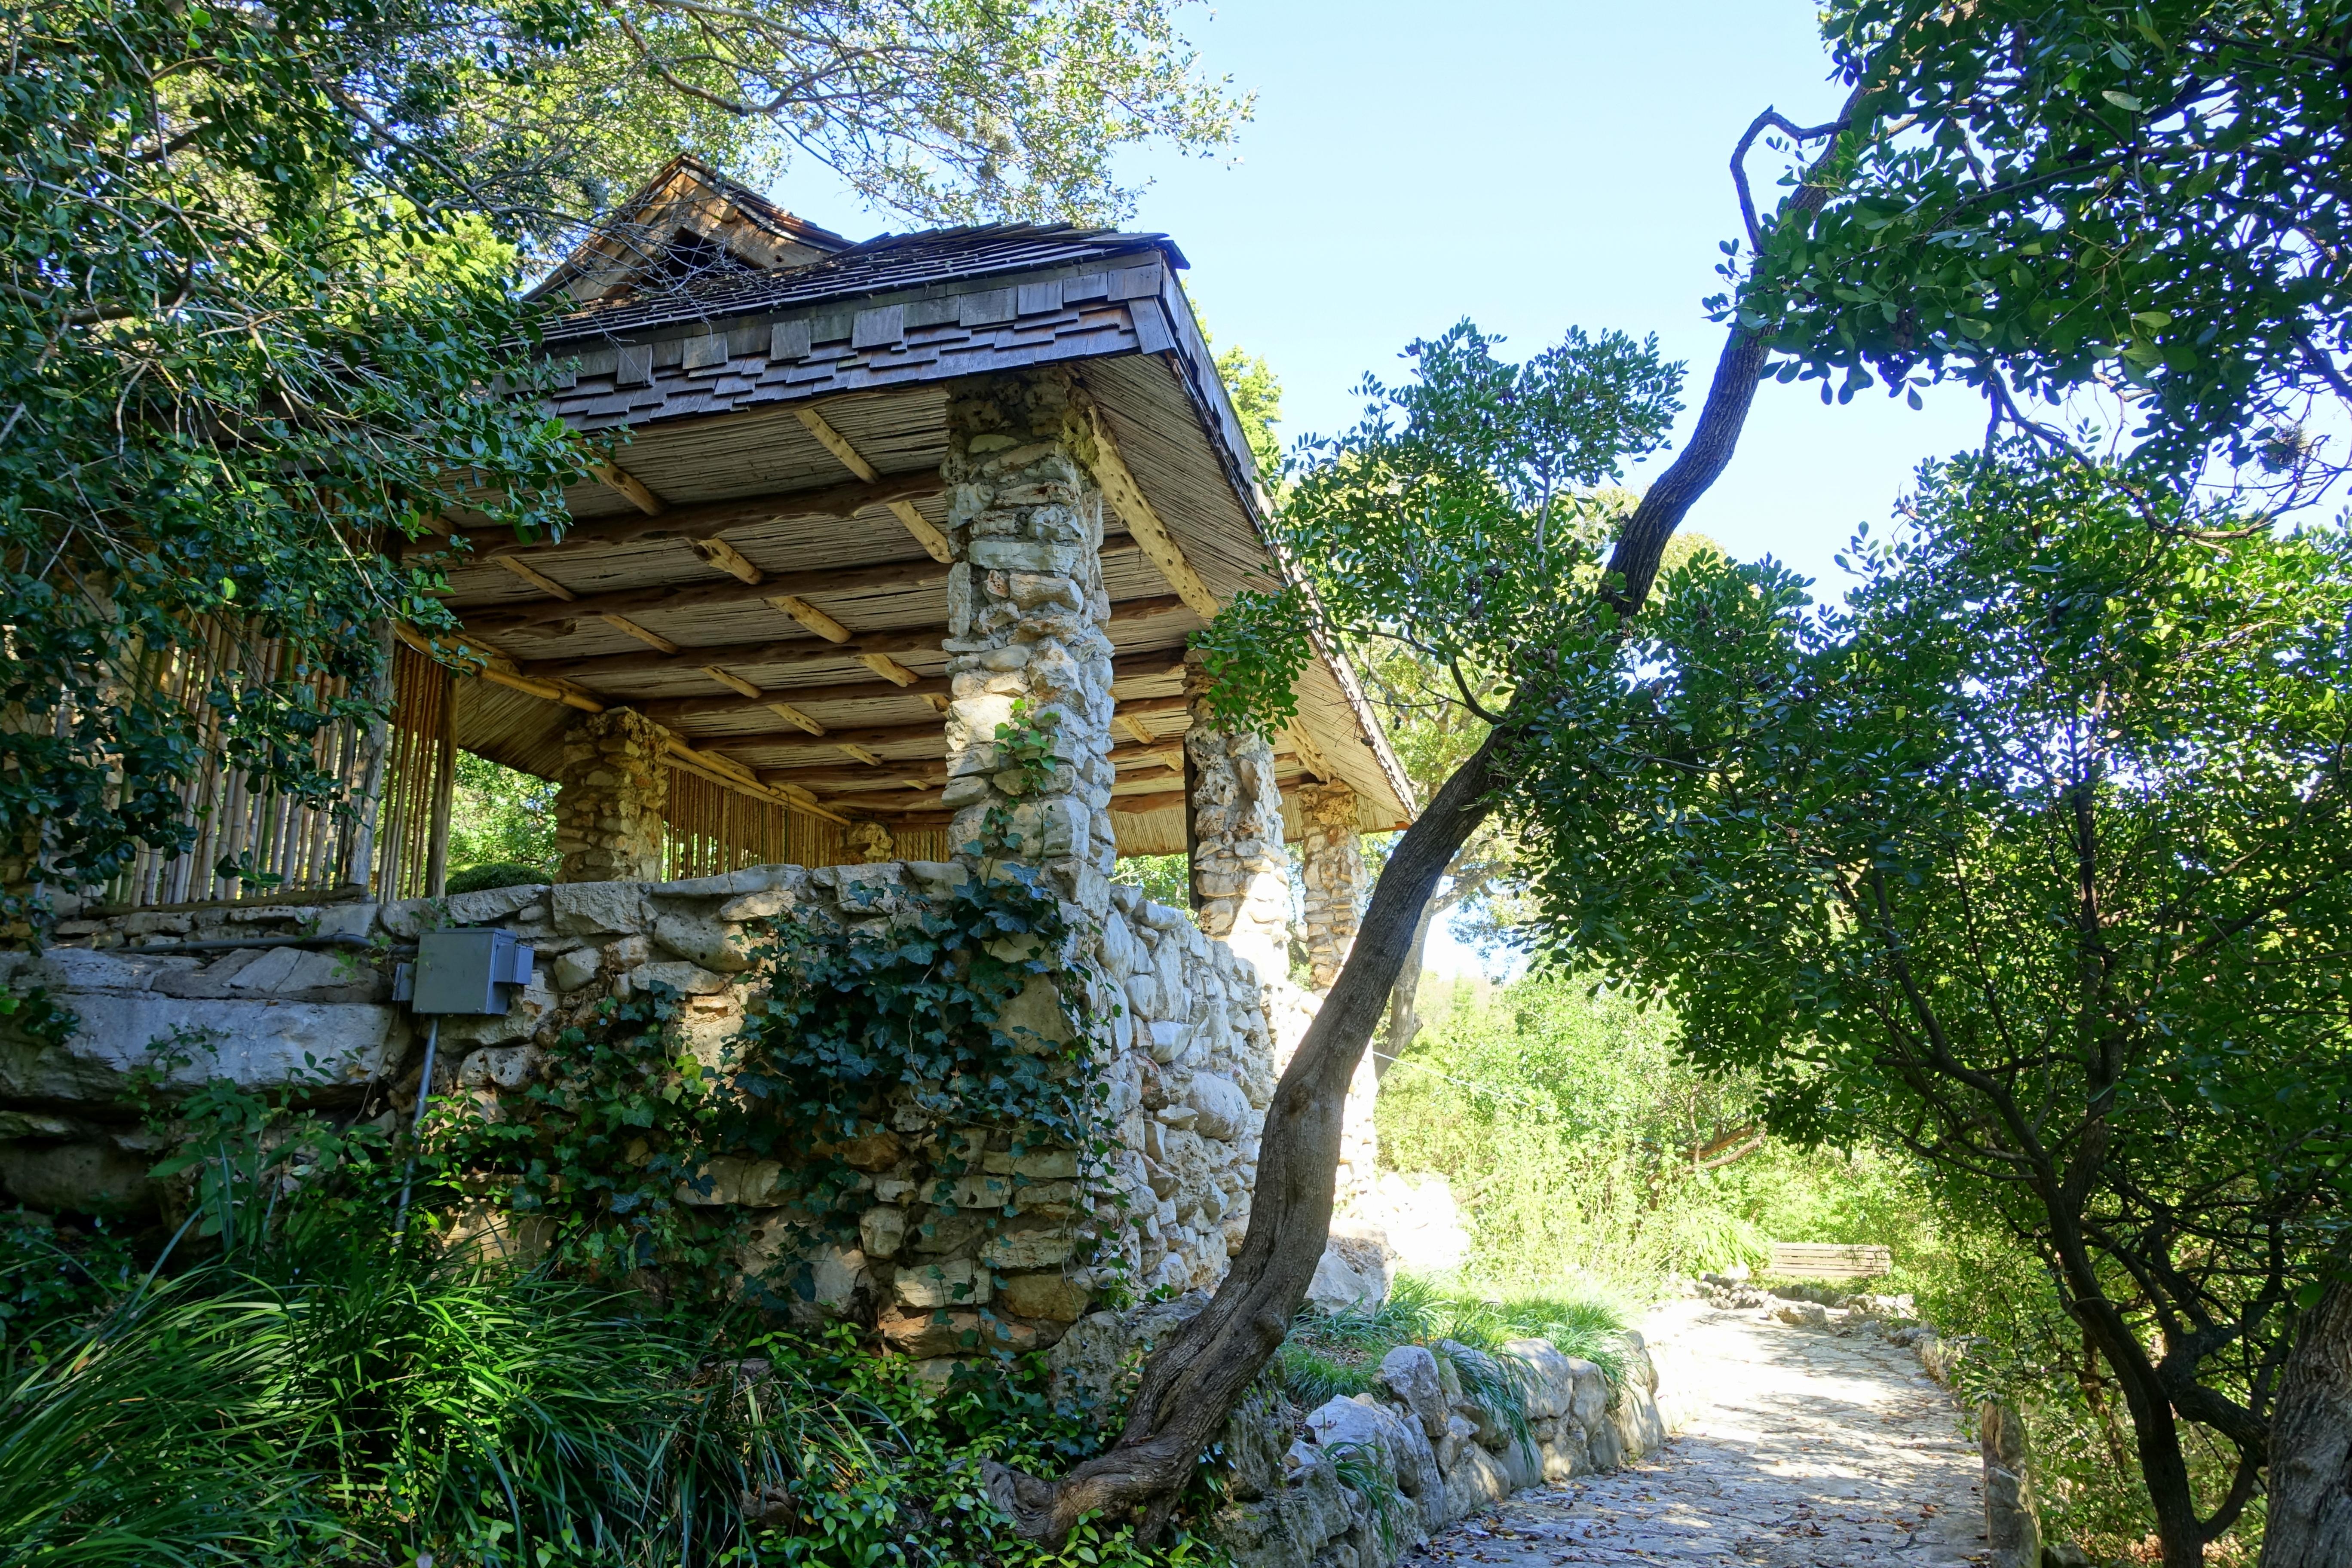 File:Pavilion   Isamu Taniguchi Japanese Garden   Zilker Botanical Garden    Austin, Texas